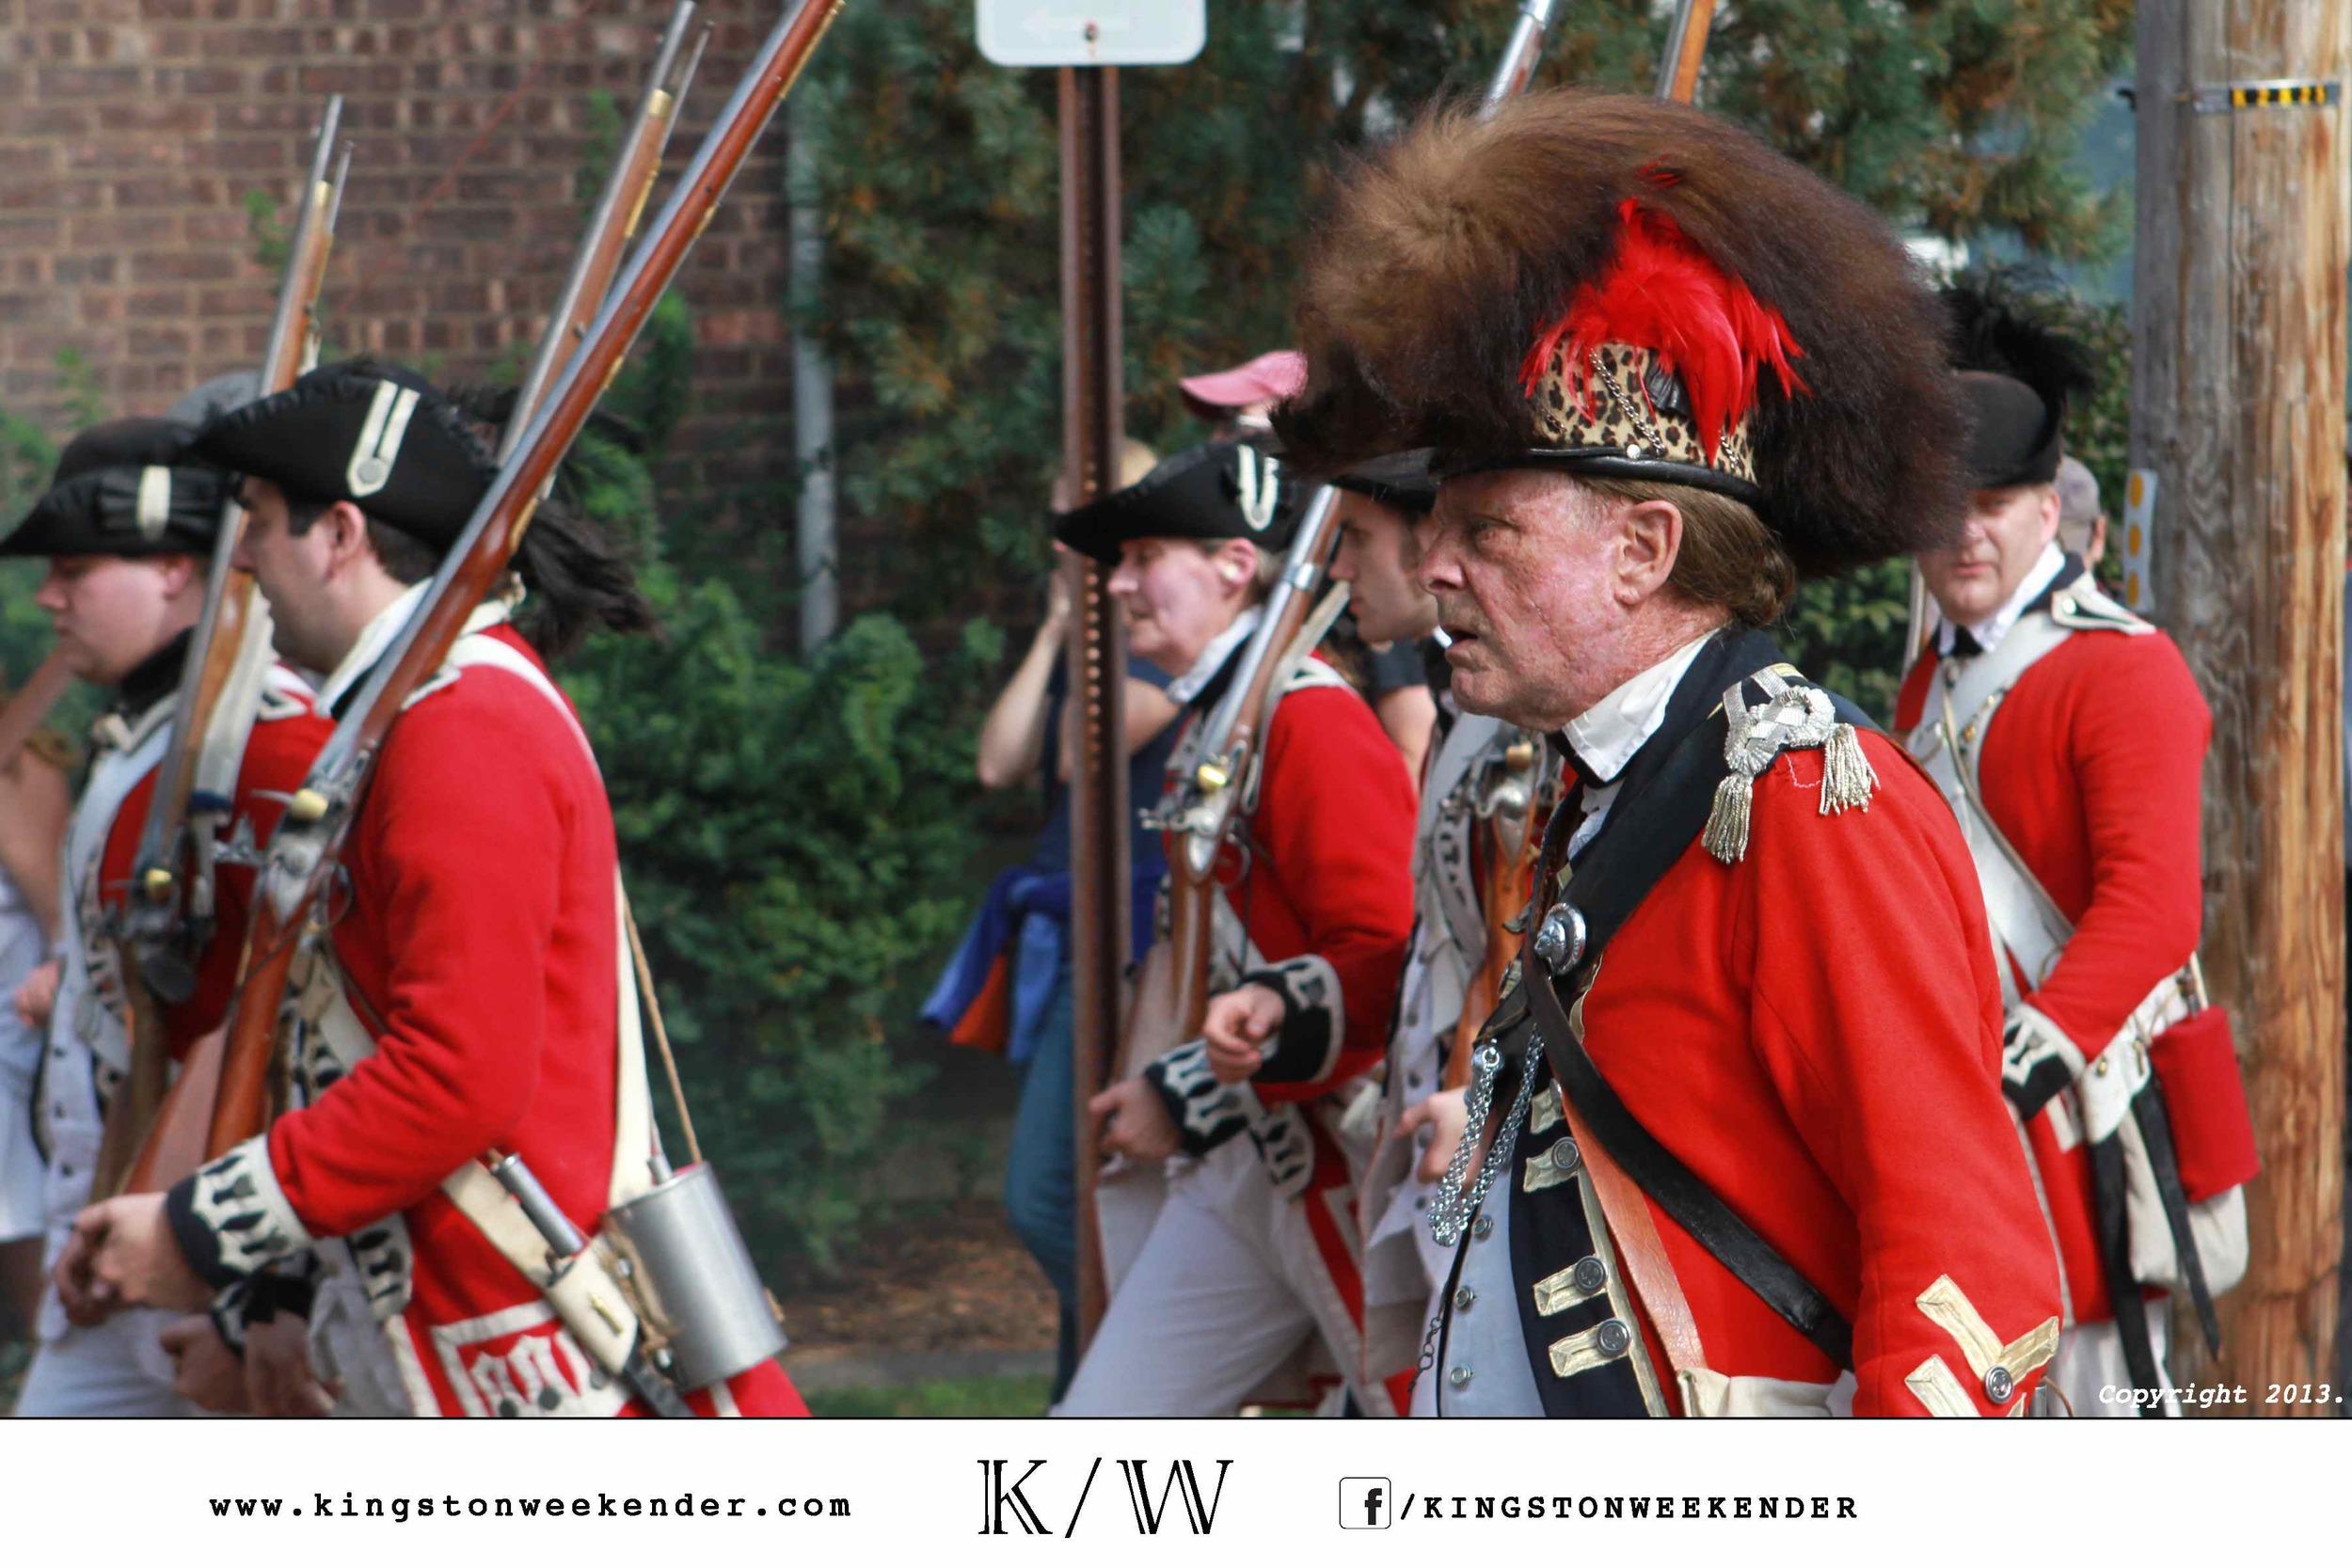 kingston-weekender-photo-credits45.jpg